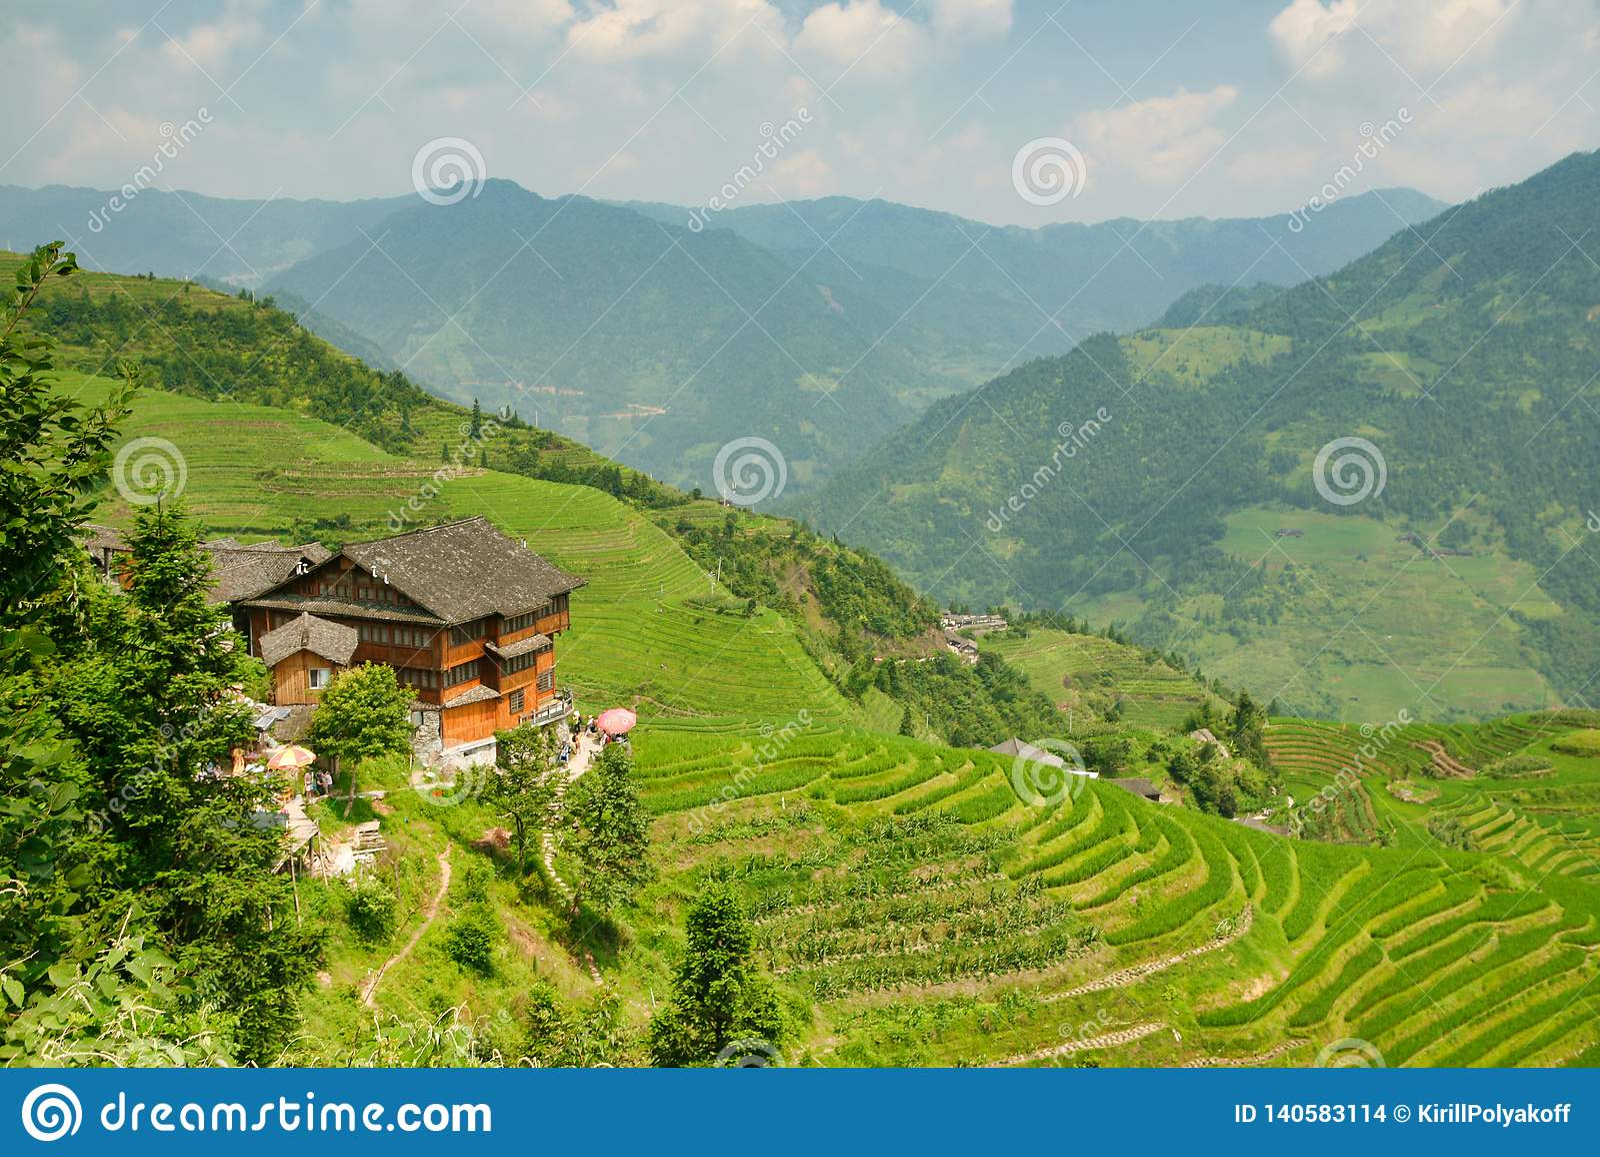 Красивый вид домов деревни Dazhay, террас риса и гор